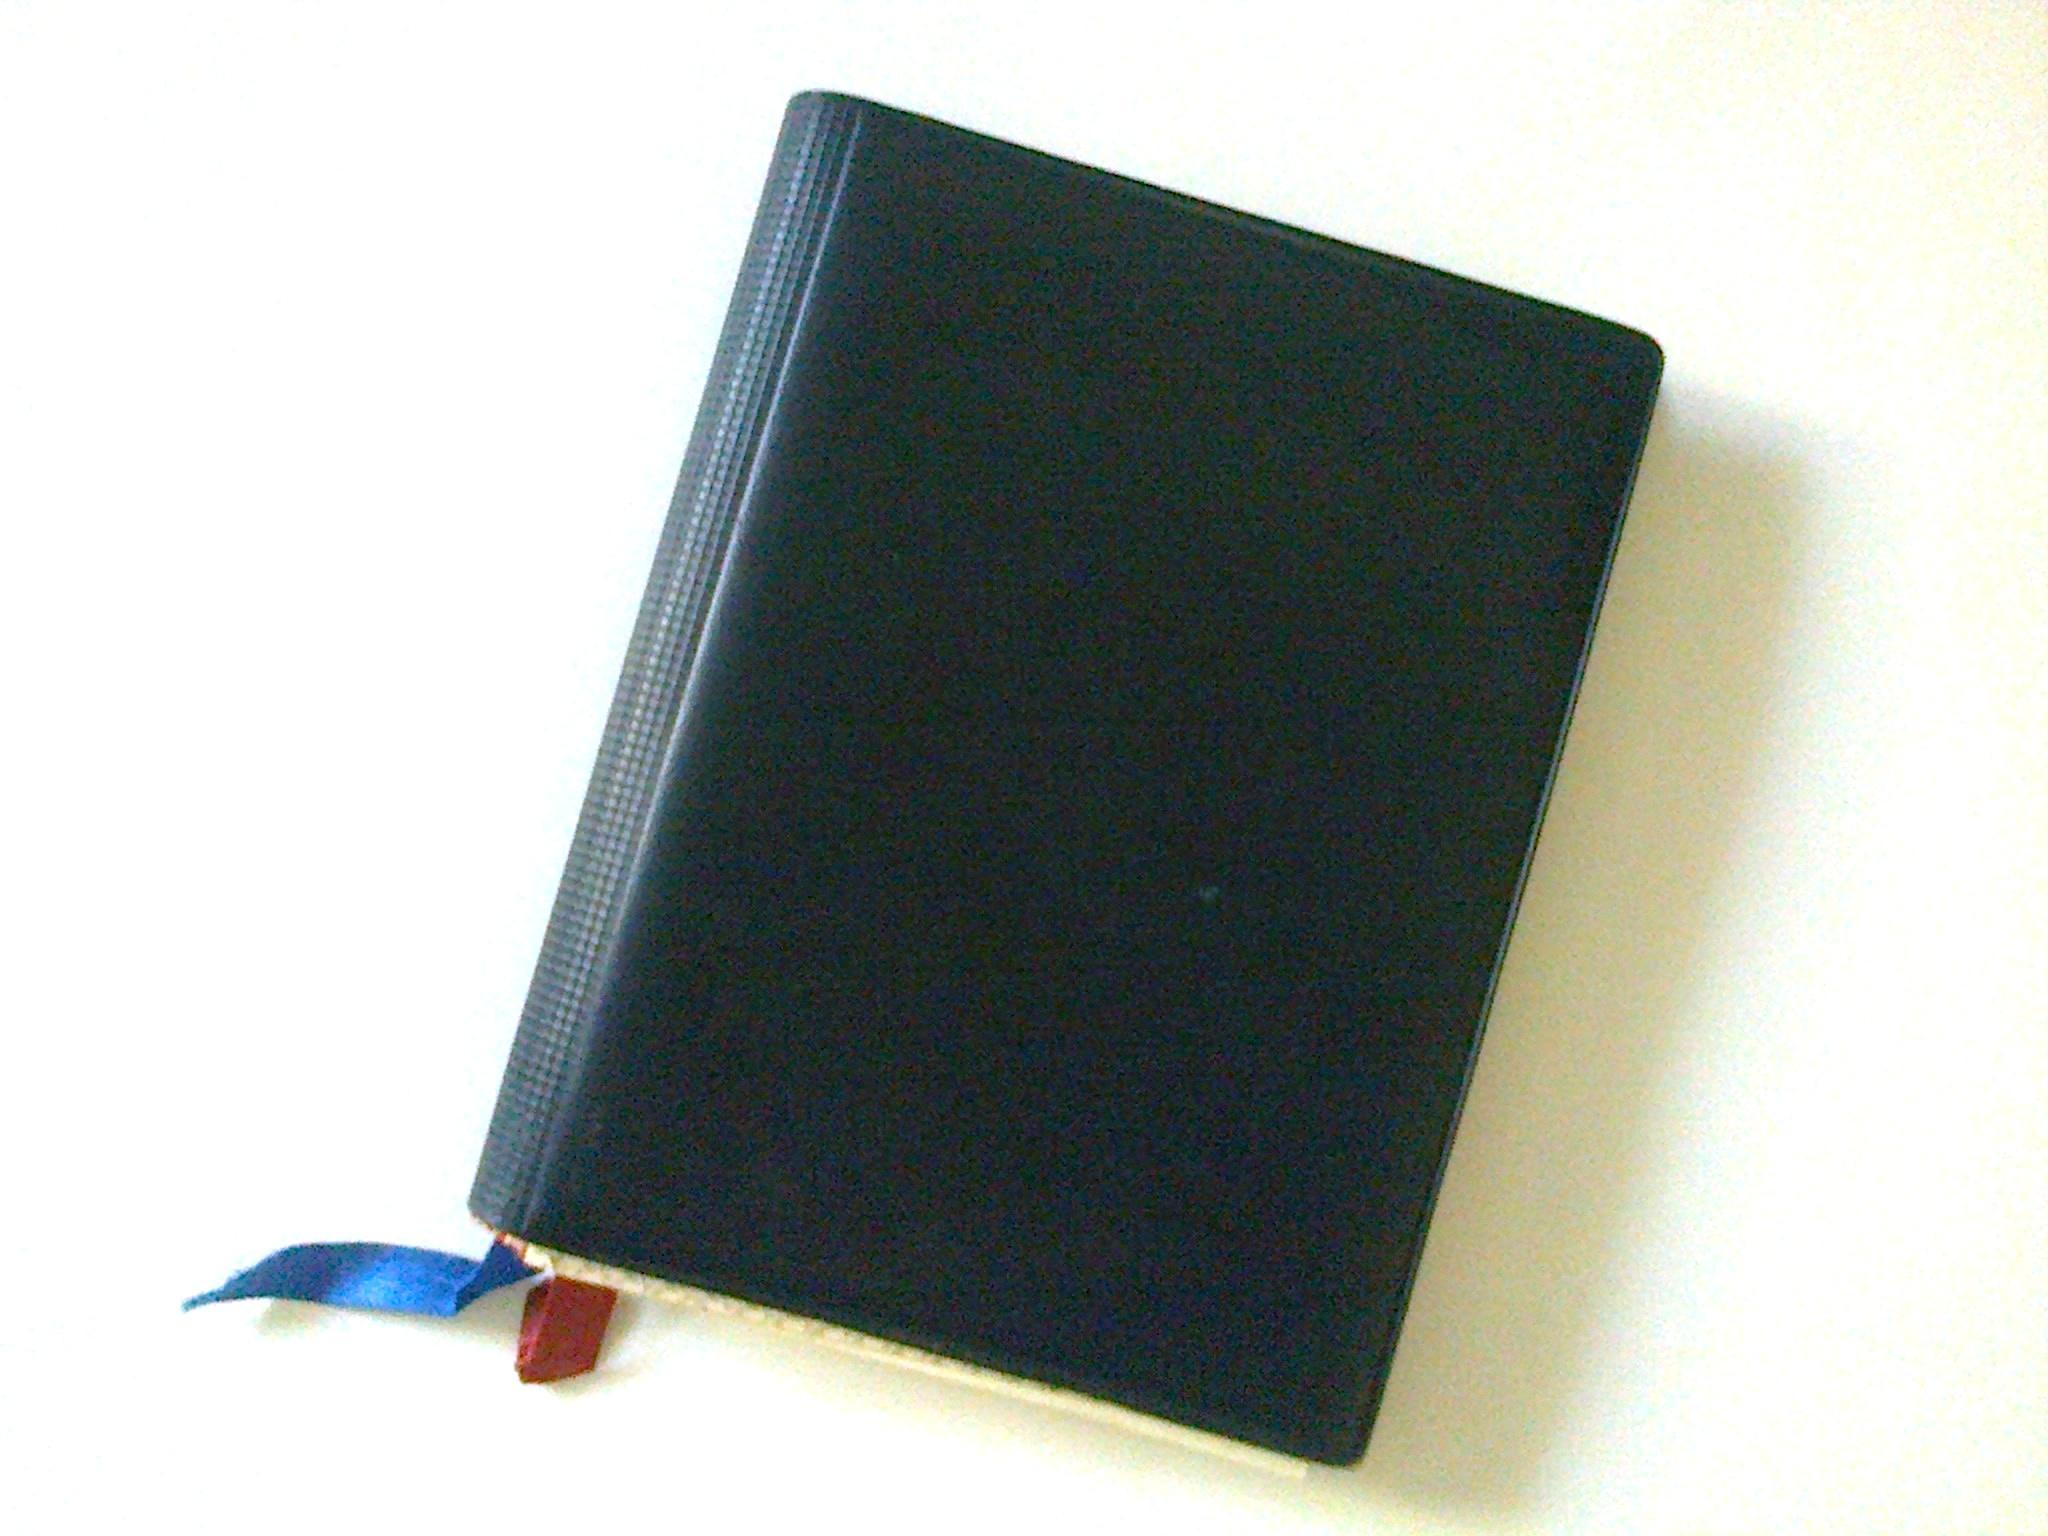 1991 Diary